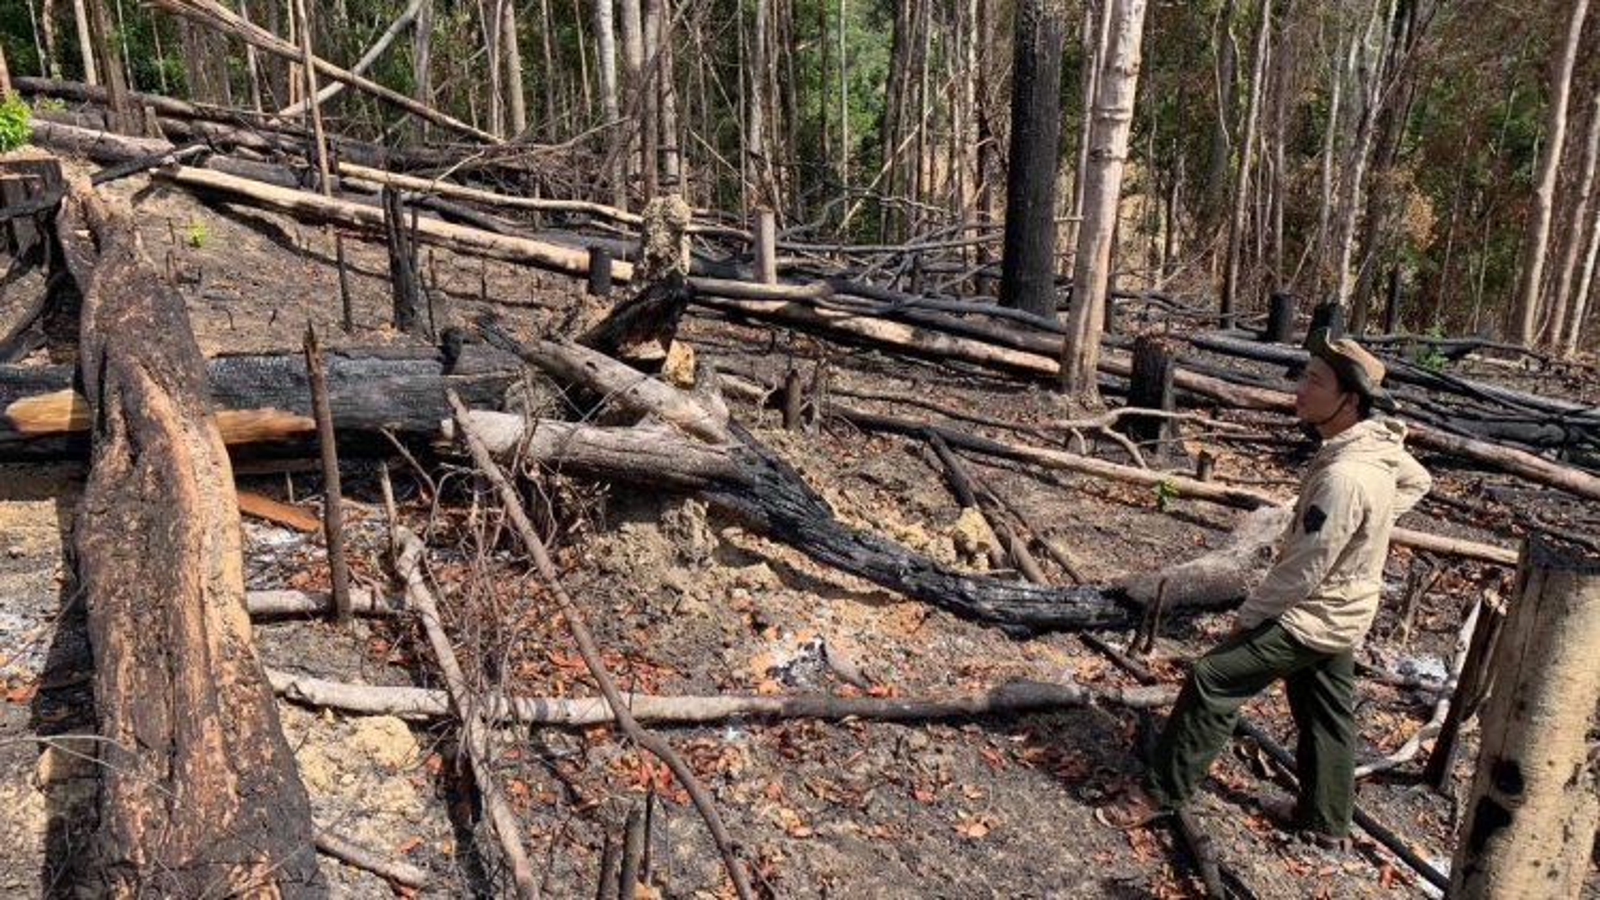 Nóng vấn đề phá rừng, đầu nậu lừa đảo buôn bán đất rừng trái phép tại Đắk Lắk